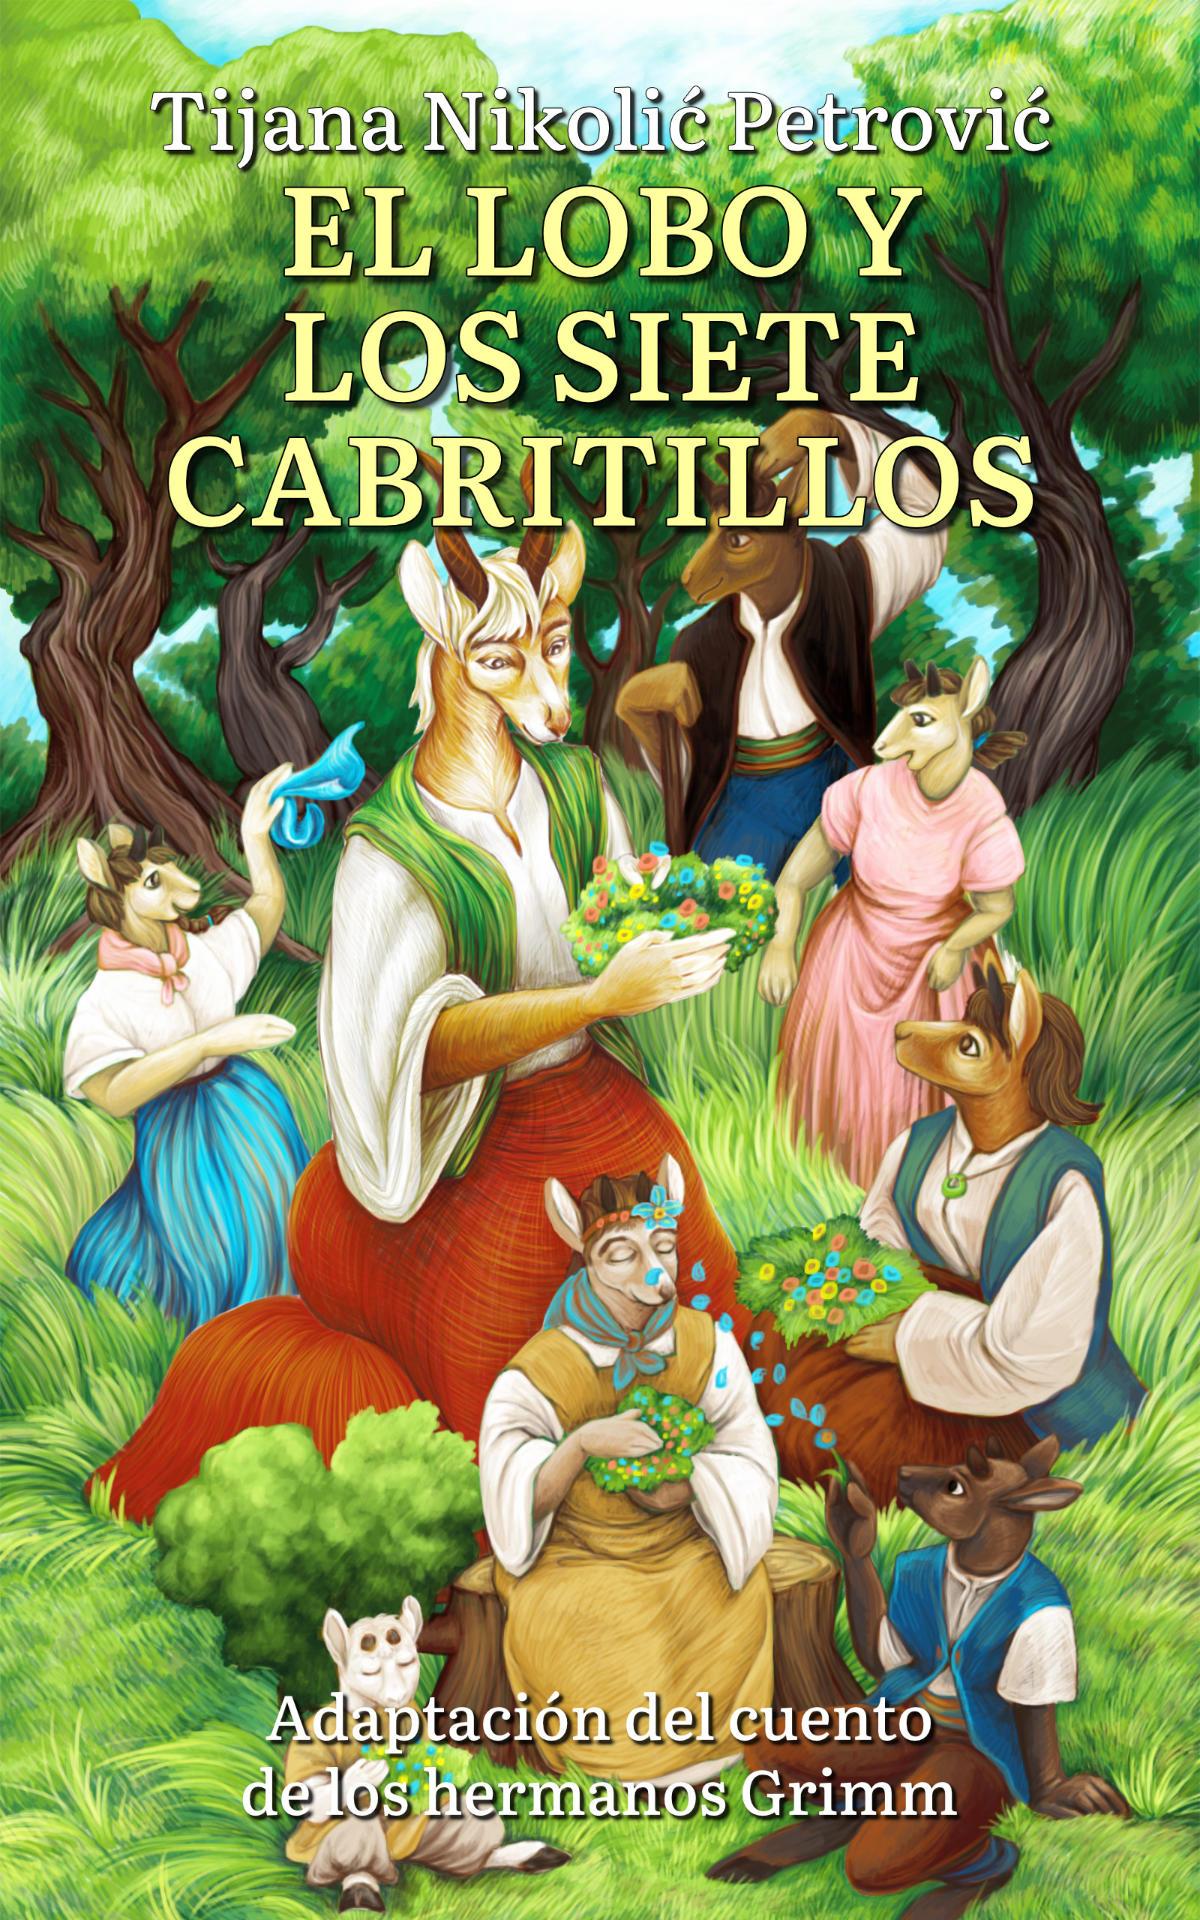 El lobo y los siete cabritillos - Front Cover